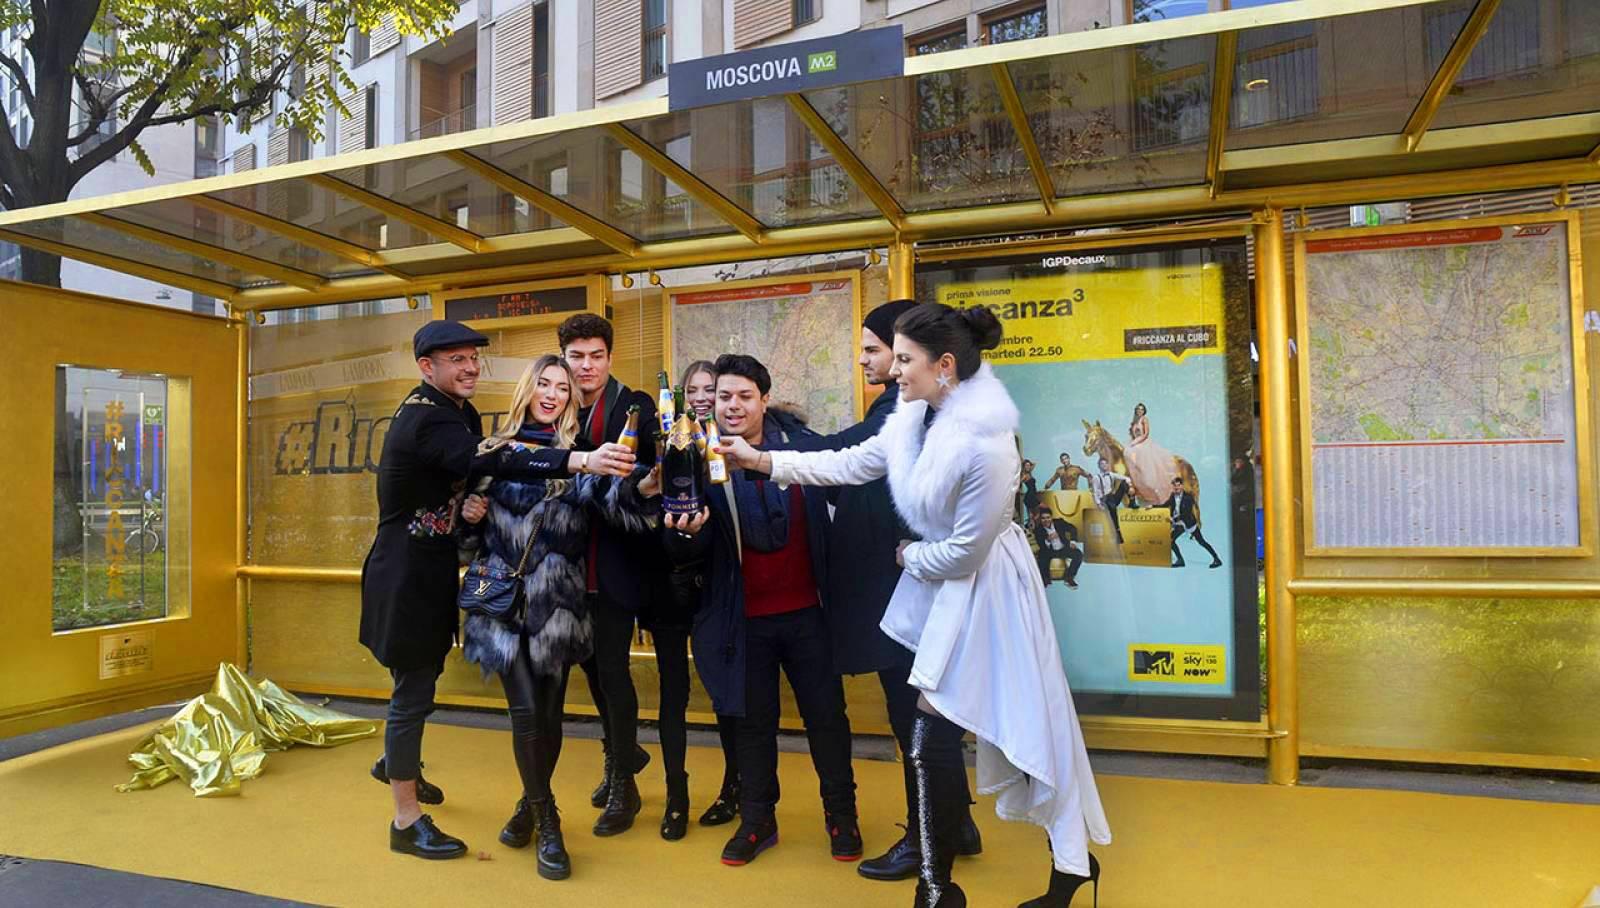 IGPDecaux Creative Solutions pensilina in oro per MTV Riccanza a Milano